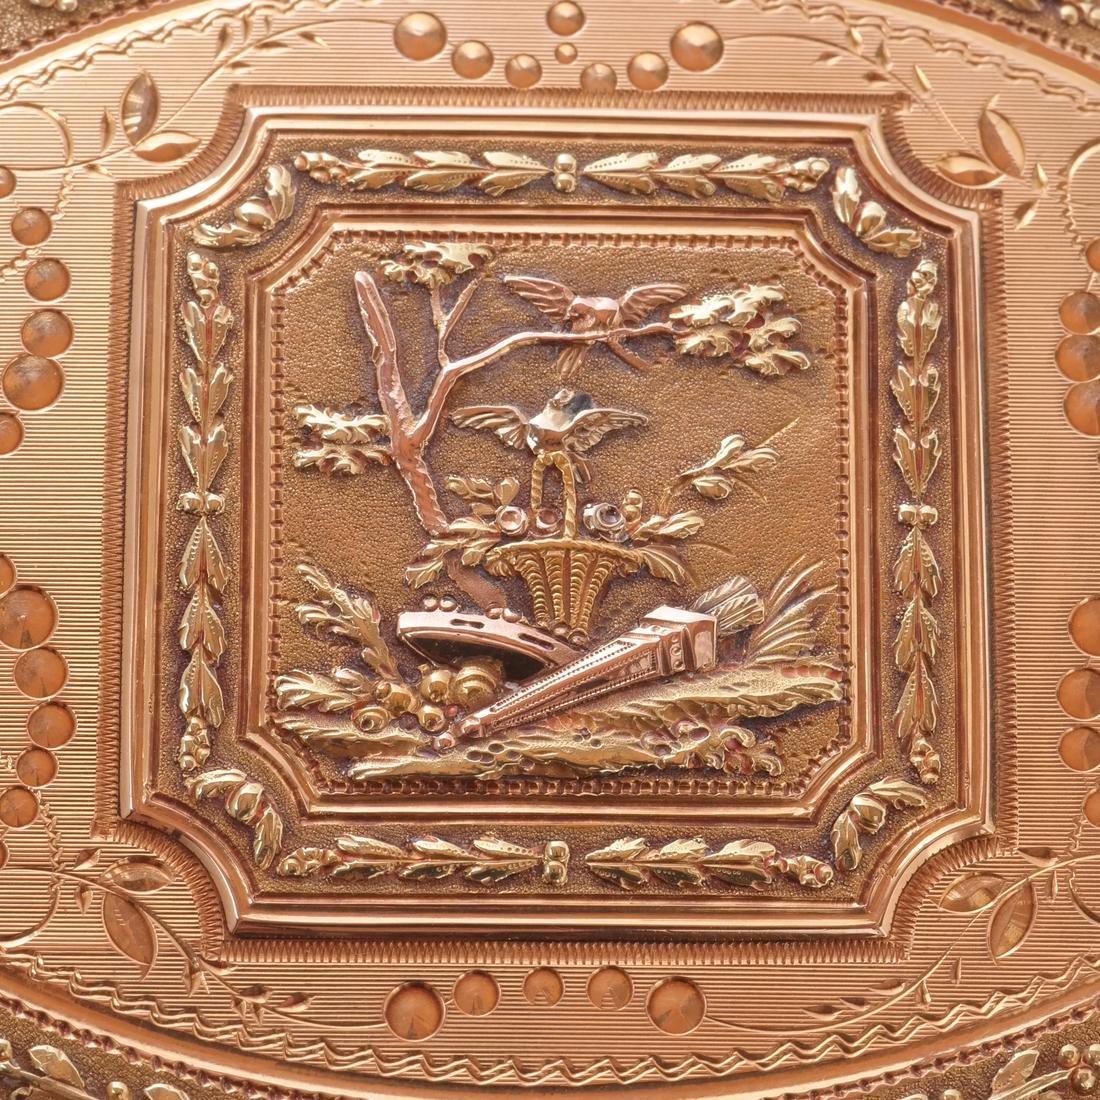 Swiss 18k Gold Snuff Box, 19th C. - 5